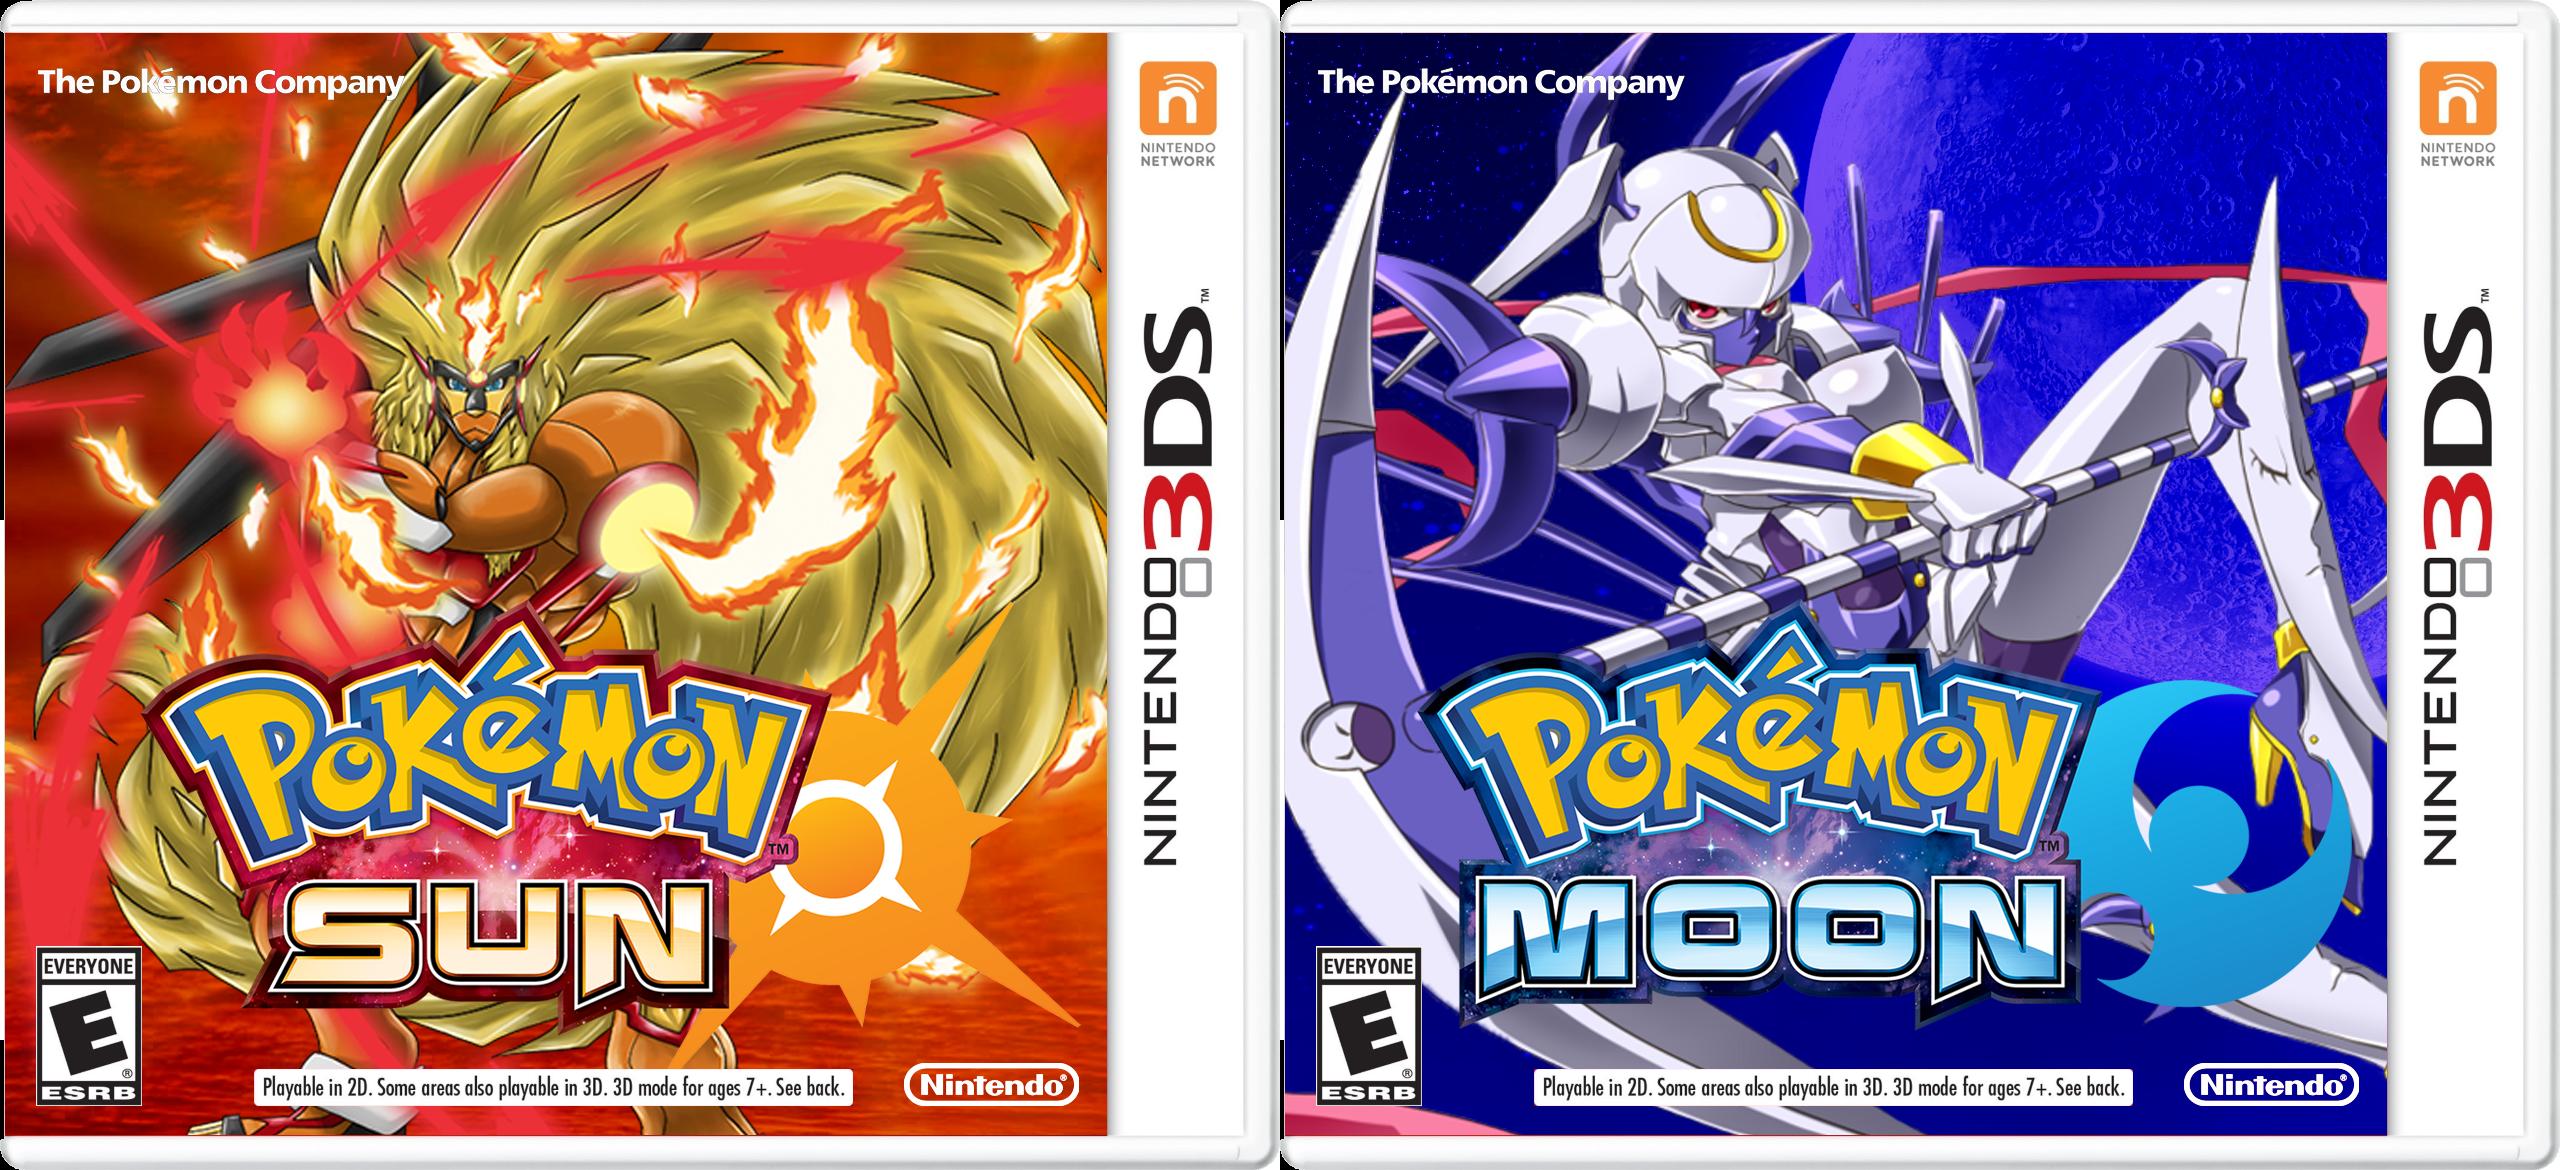 pokédigimon sun & moon | pokemon sun and moon cover parodies